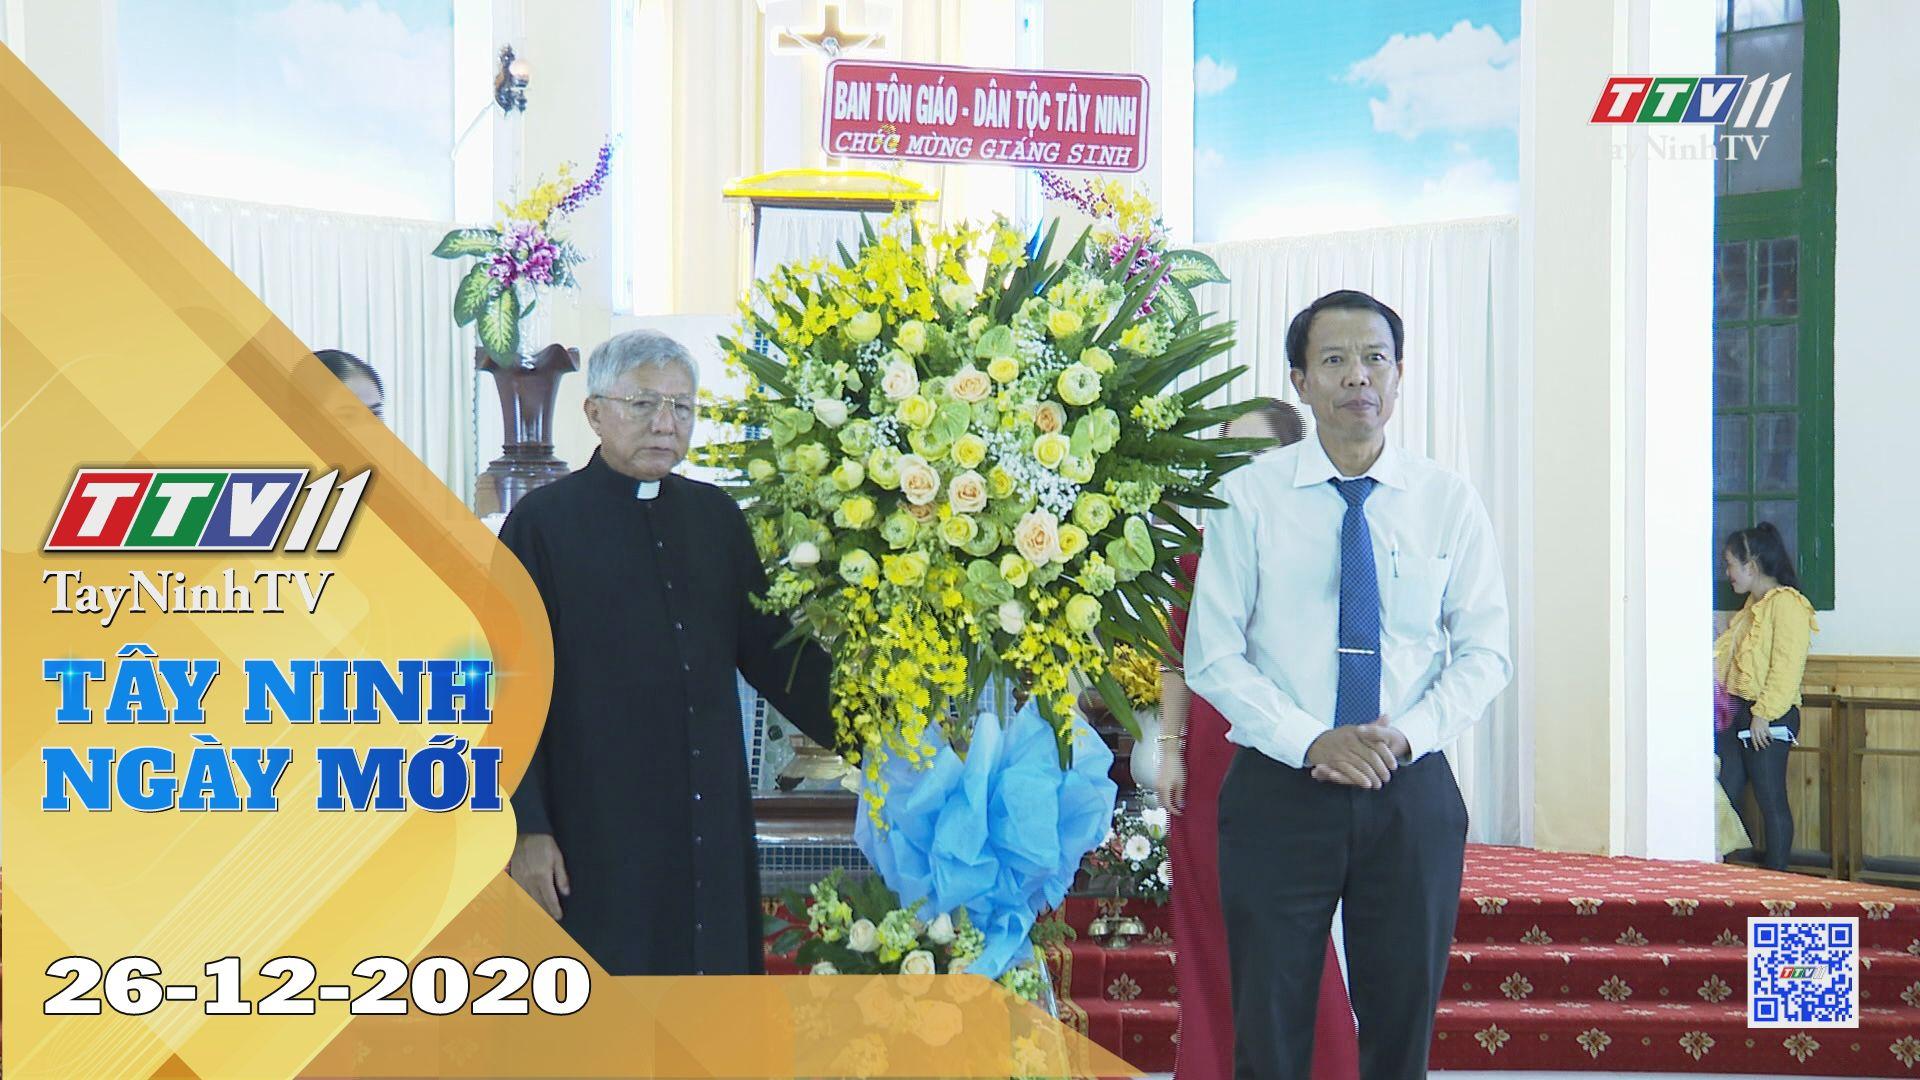 Tây Ninh Ngày Mới 26-12-2020 | Tin tức hôm nay | TayNinhTV